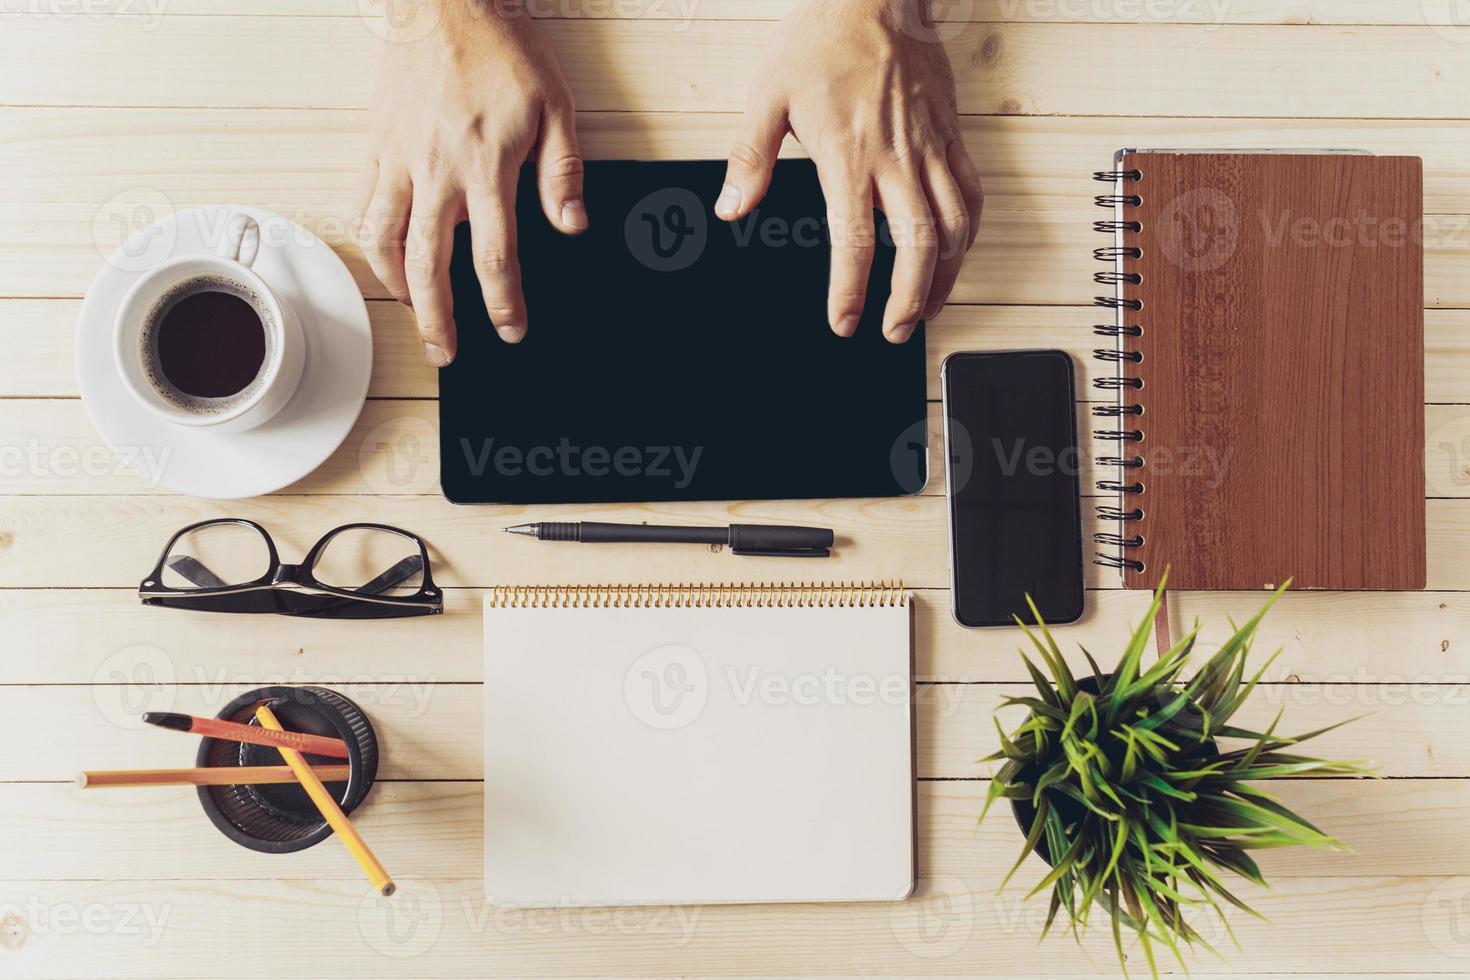 computador tablet digital foto